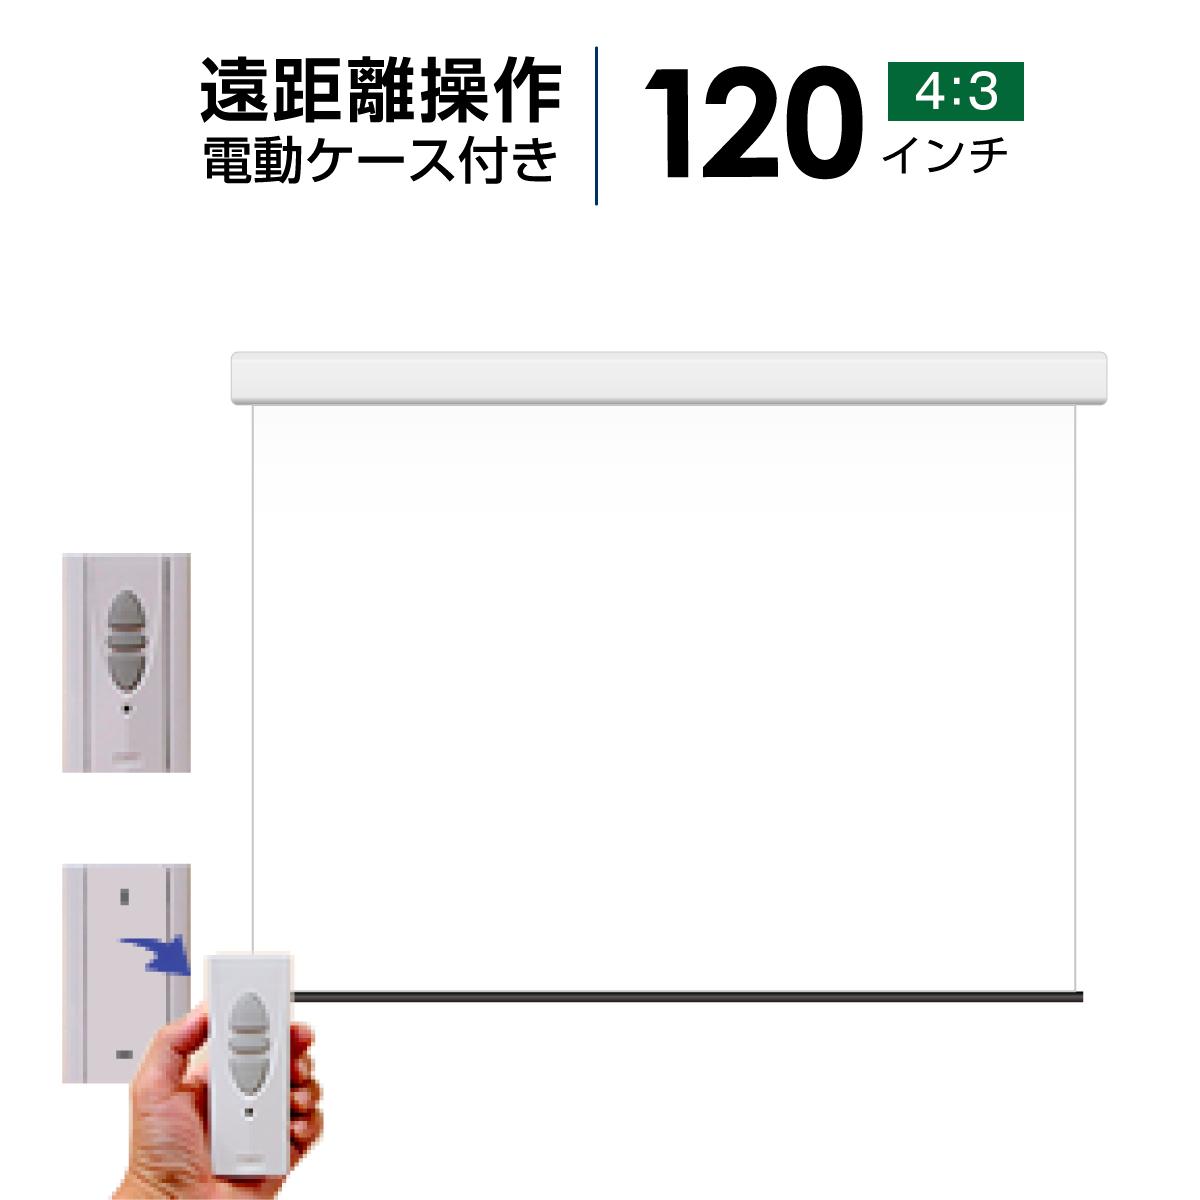 プロジェクタースクリーン 電動遠距離ケース付きタイプ120インチ(4:3) マスクフリー WCR2439FEH